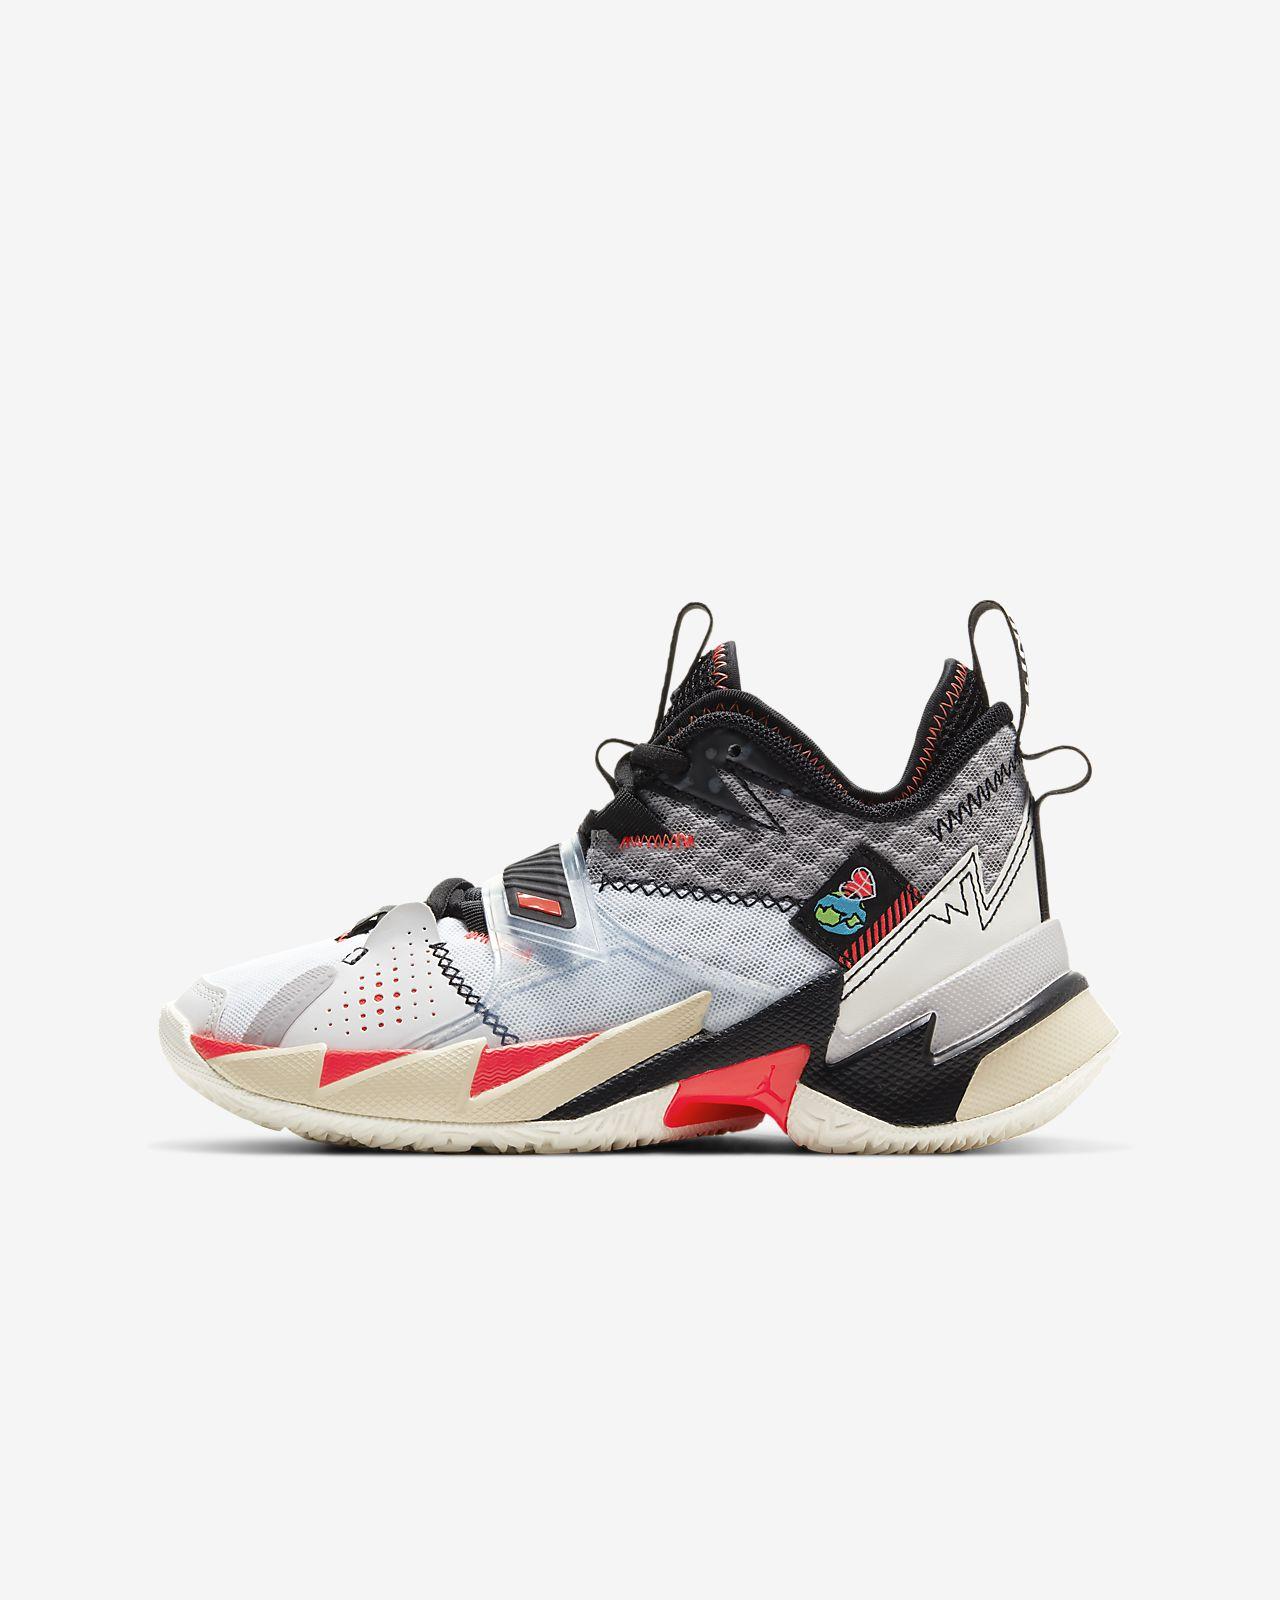 precio limitado venta caliente más nuevo diseño superior Jordan 'Why Not?' Zer0.3 Older Kids' Basketball Shoe. Nike LU